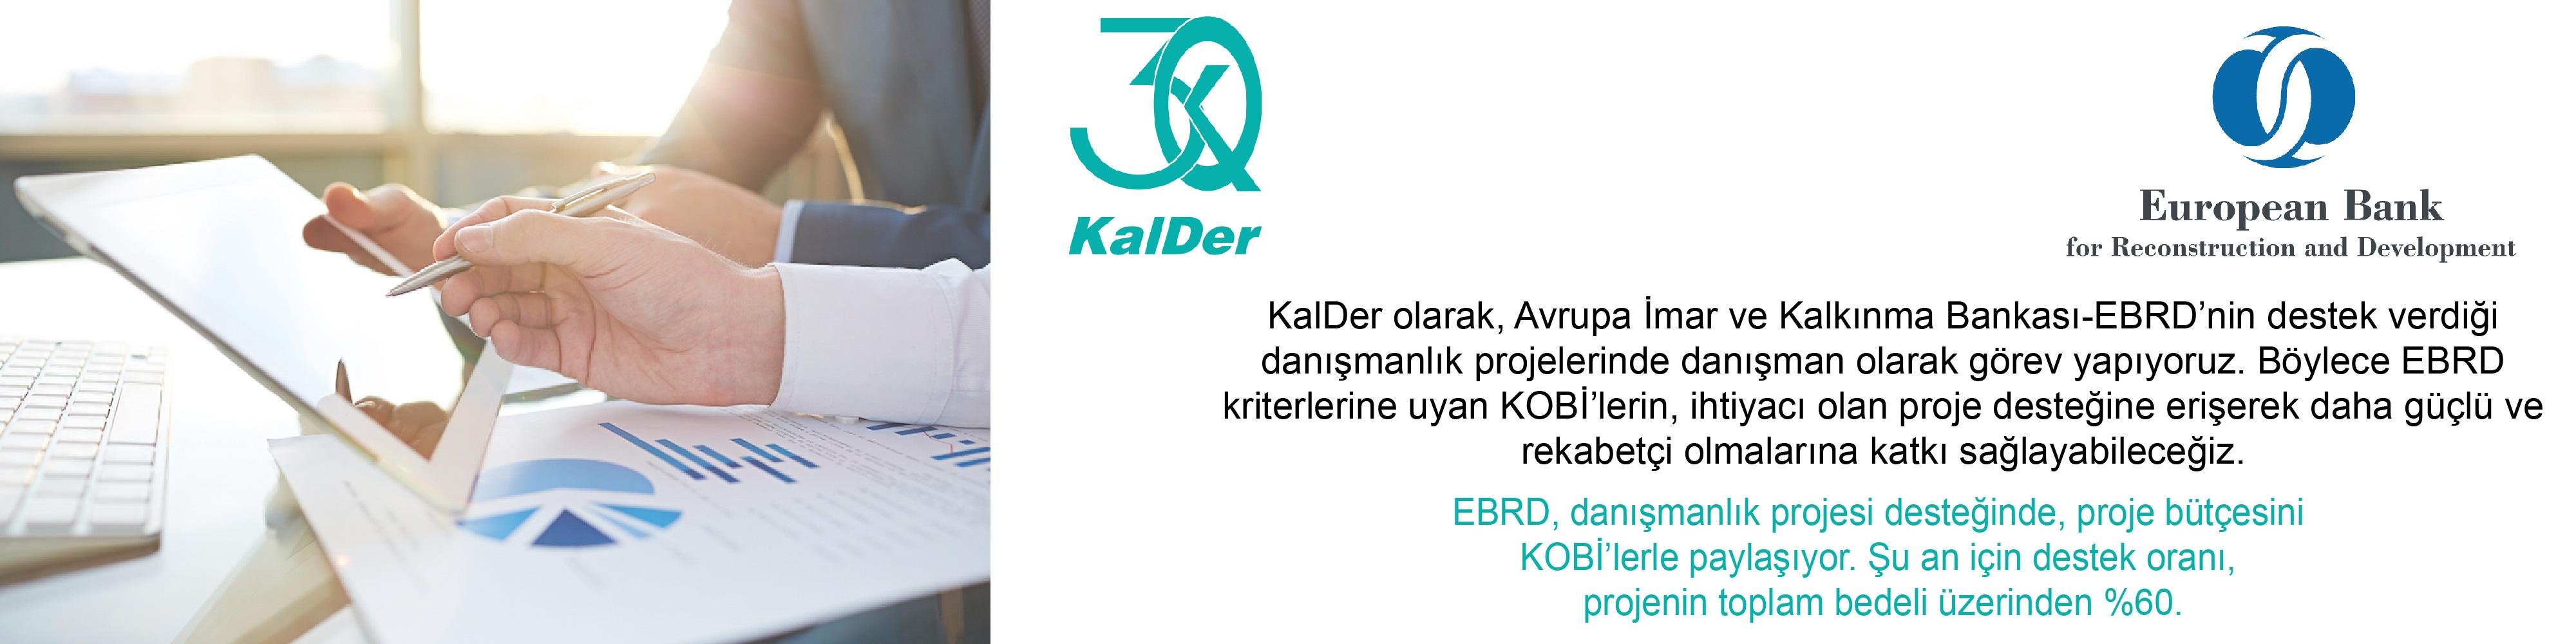 EBRD (Avrupa İmar ve Kalkınma Bankası) ve KalDer İş Birliği